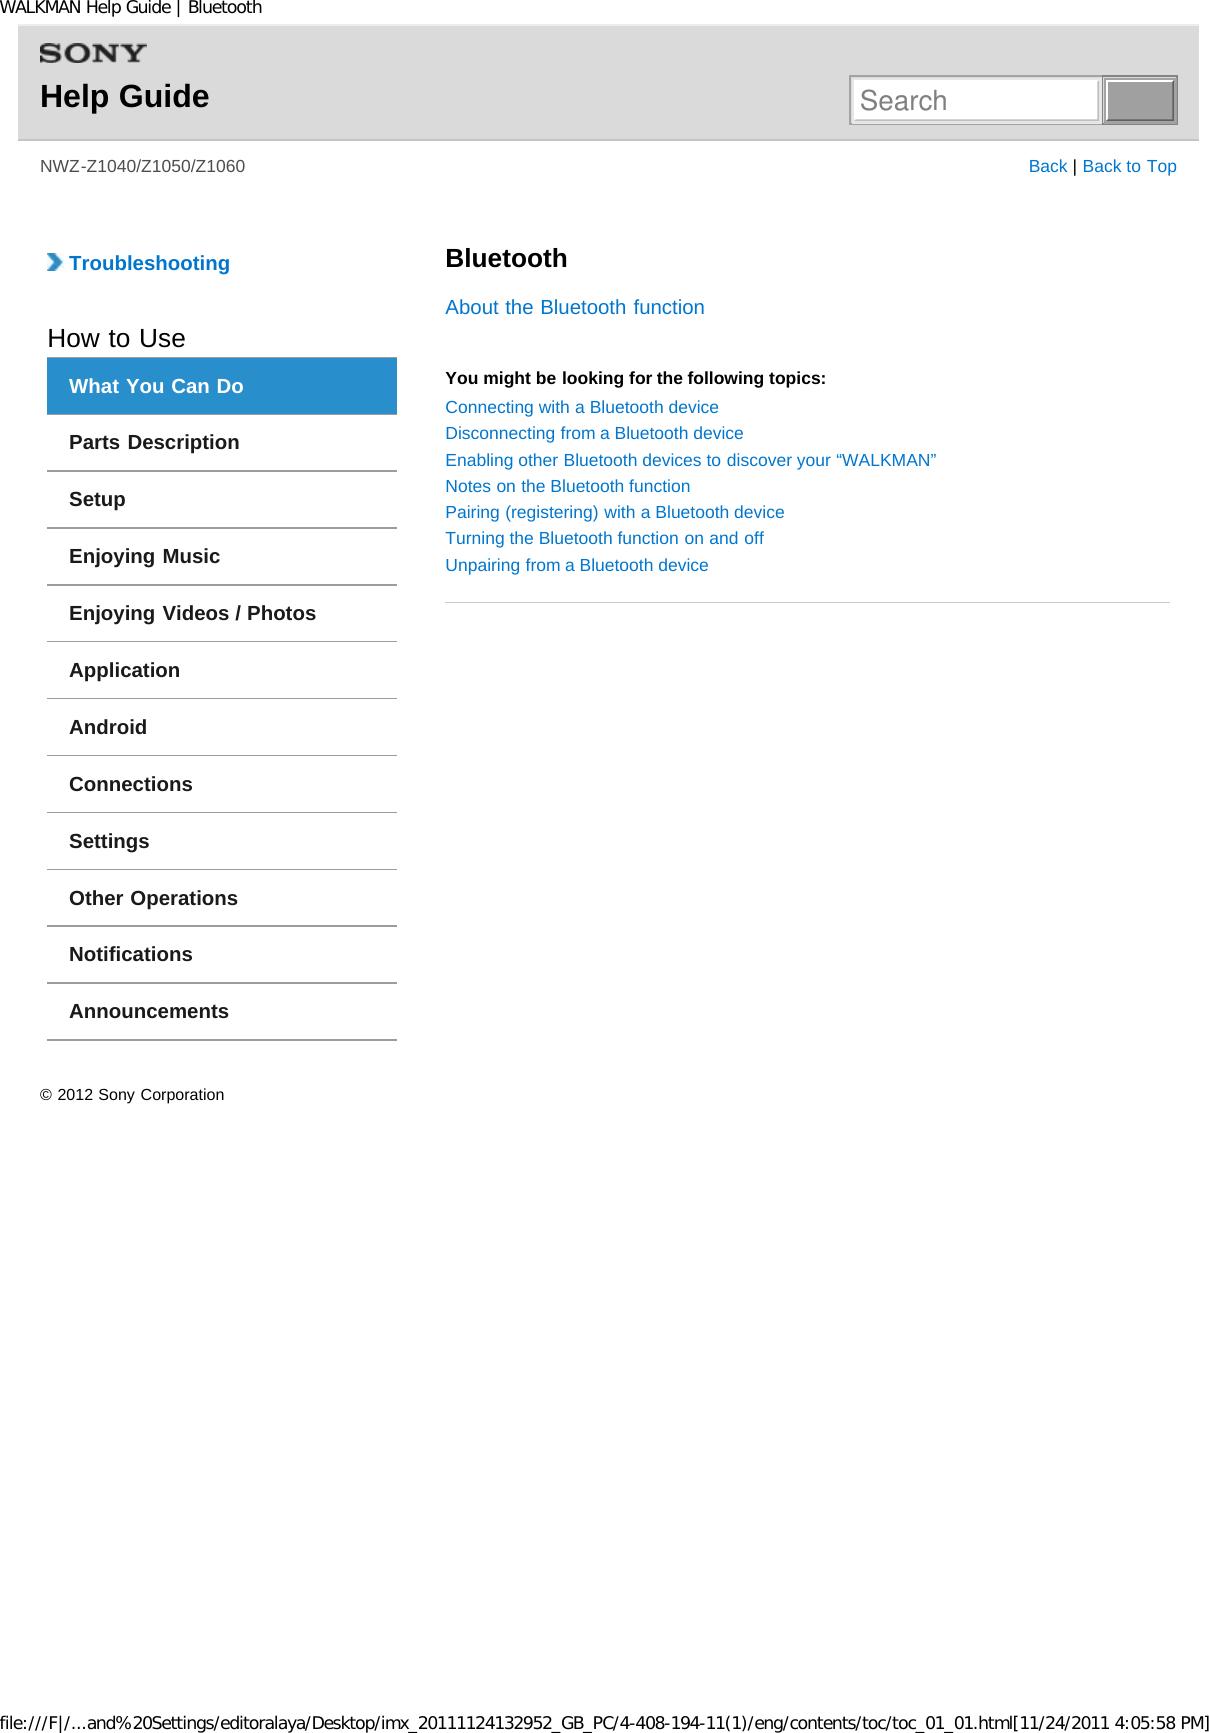 Sony NWZZ1000 Digital Media Player User Manual WALKMAN